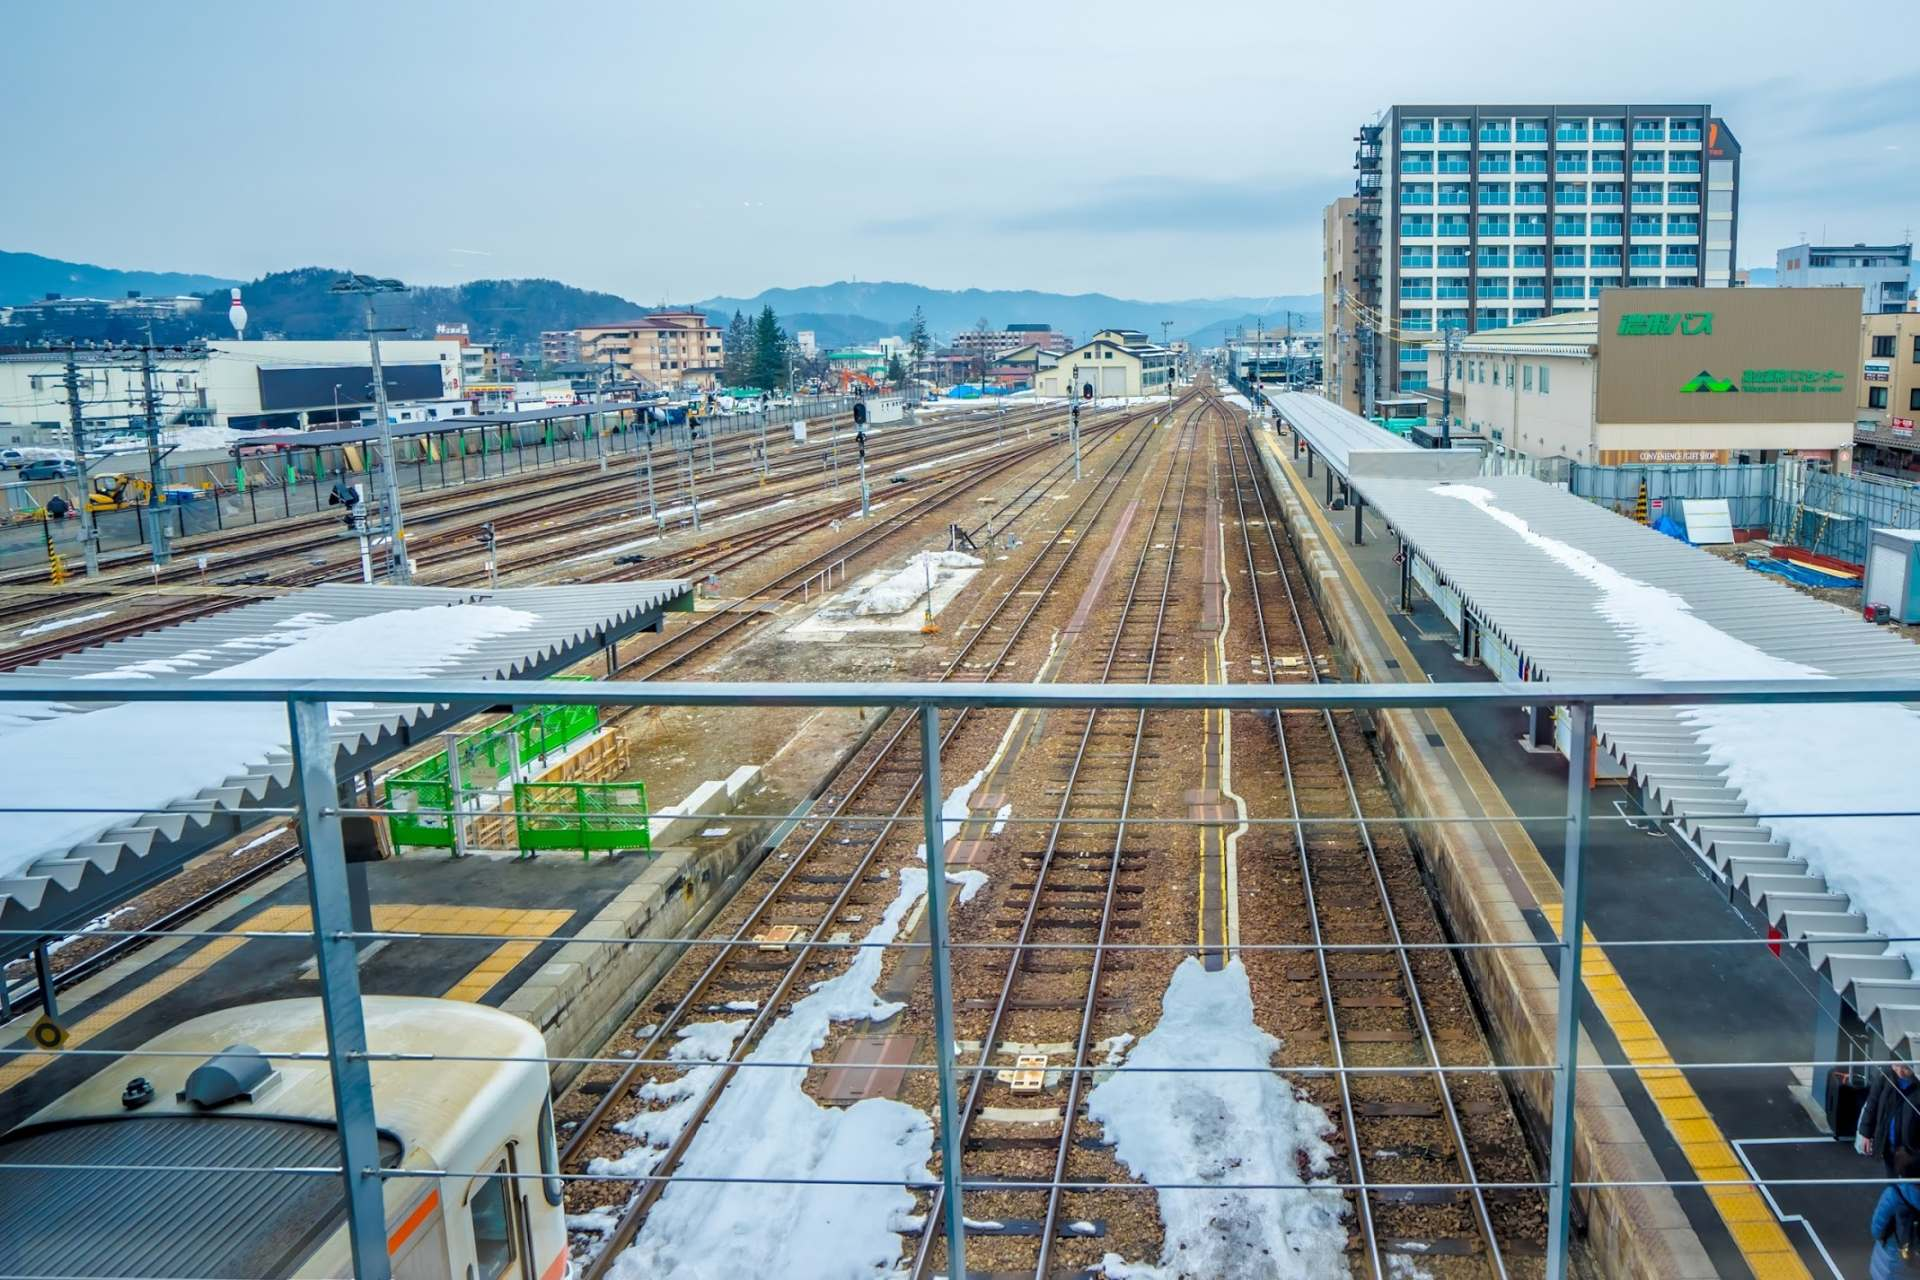 從站內看到的月台和線路